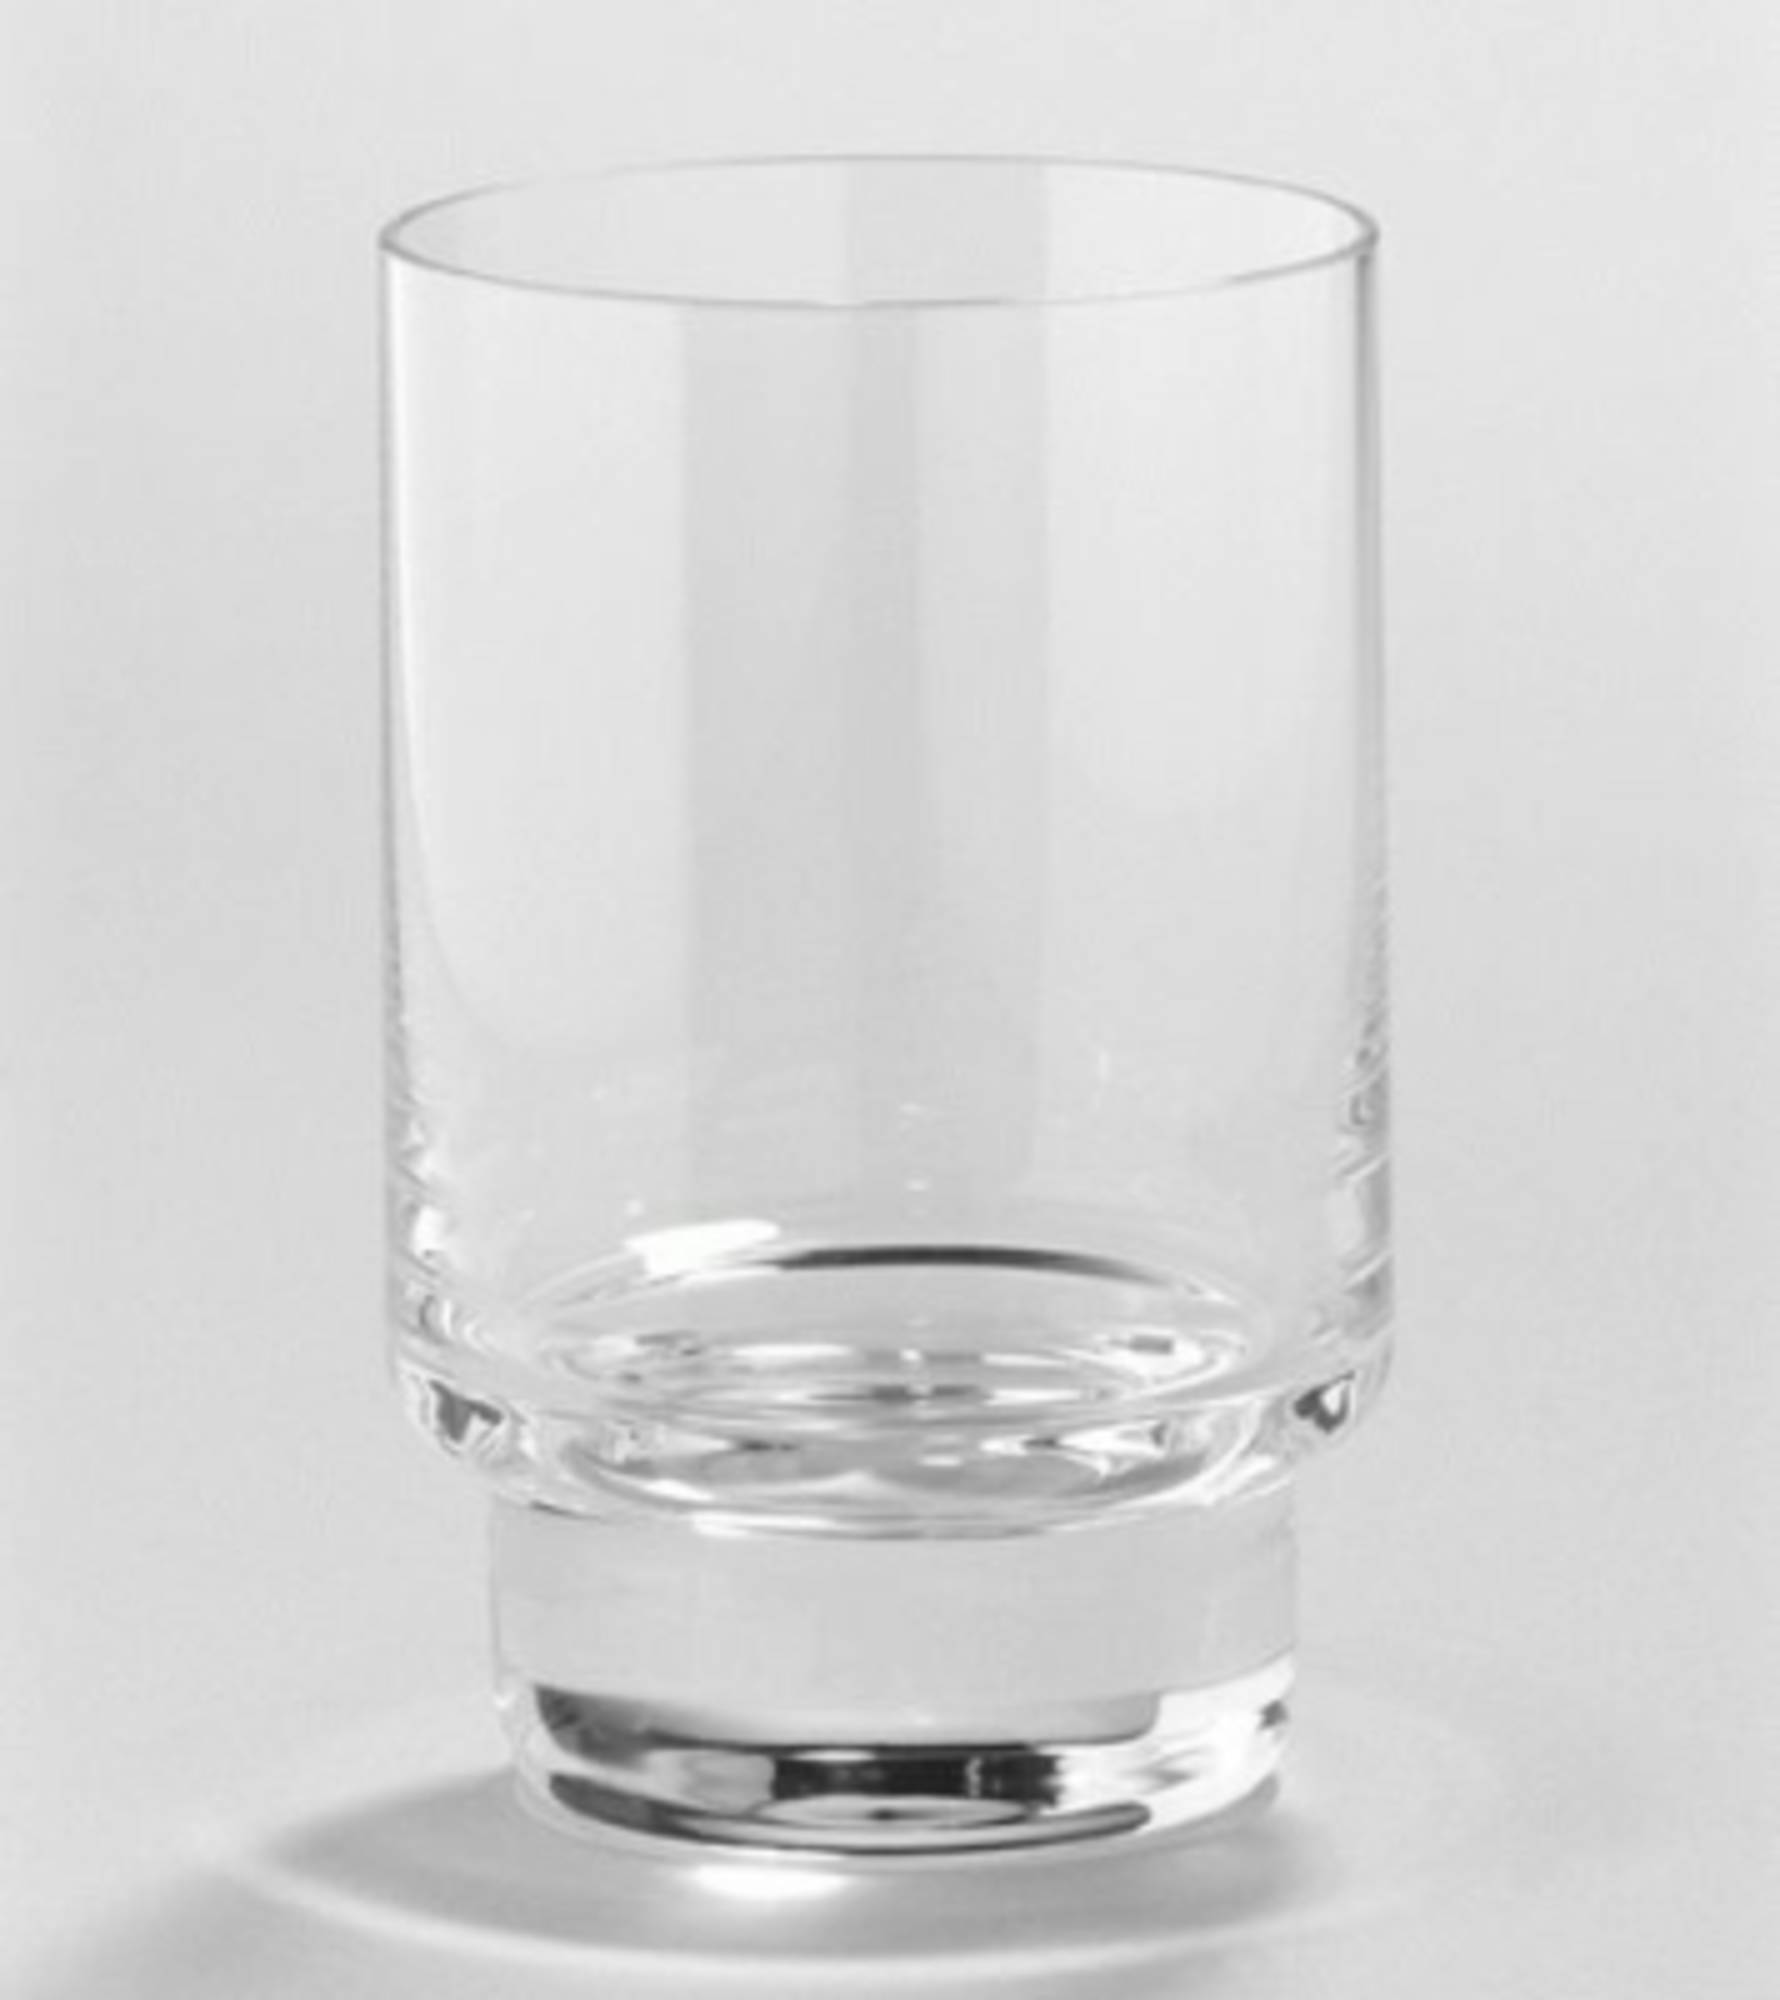 Dornbracht los drinkglas 08900000284